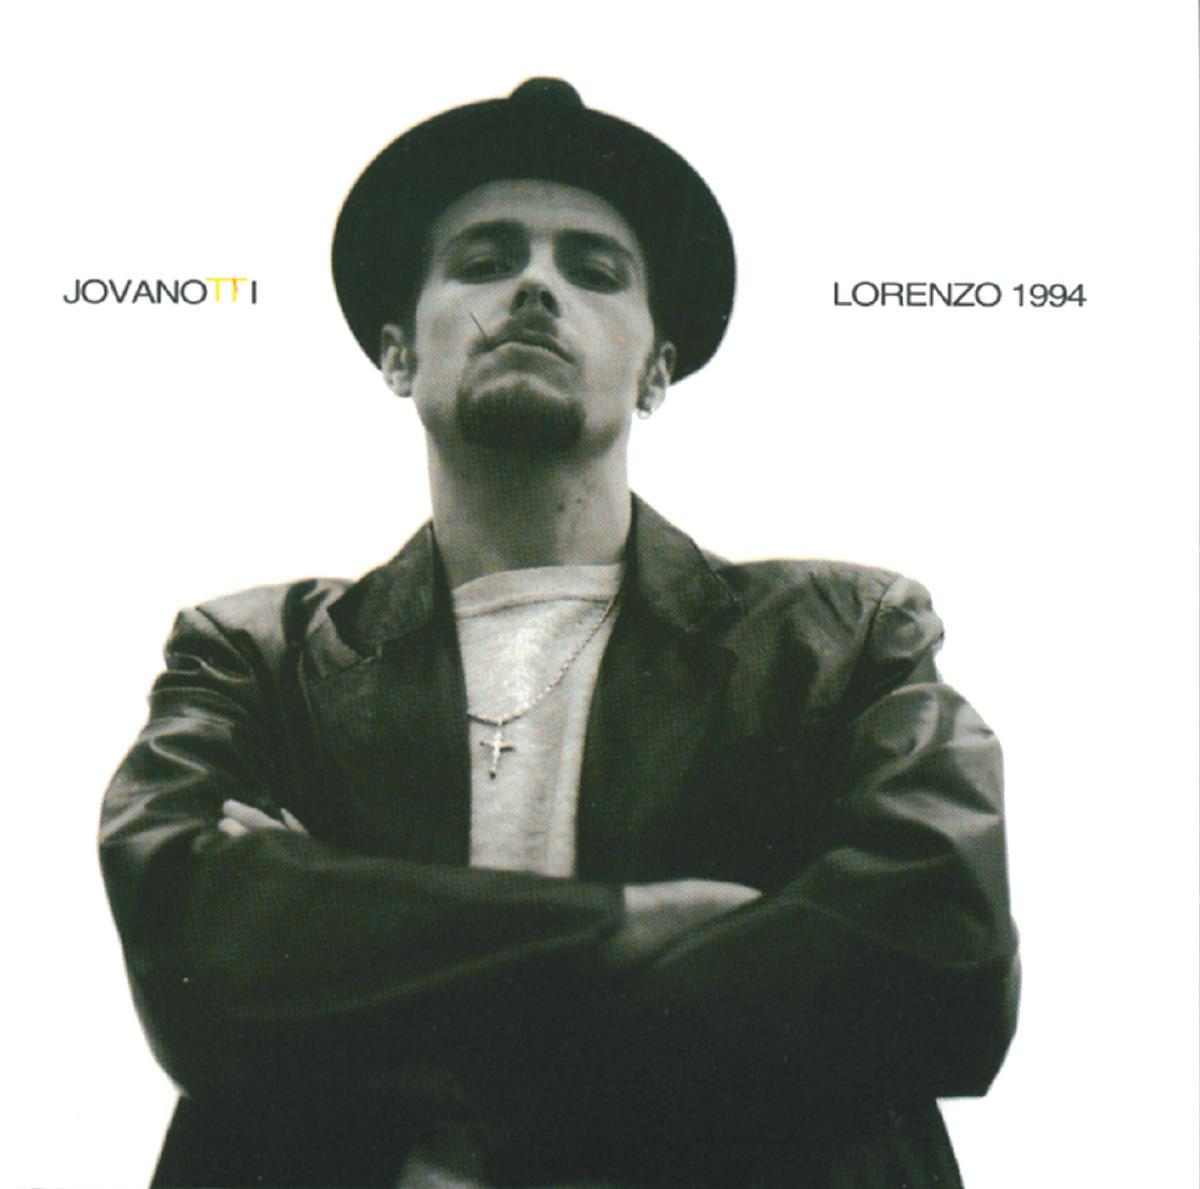 Soundhound serenata rap by jovanotti - Affacciati alla finestra amore mio ...